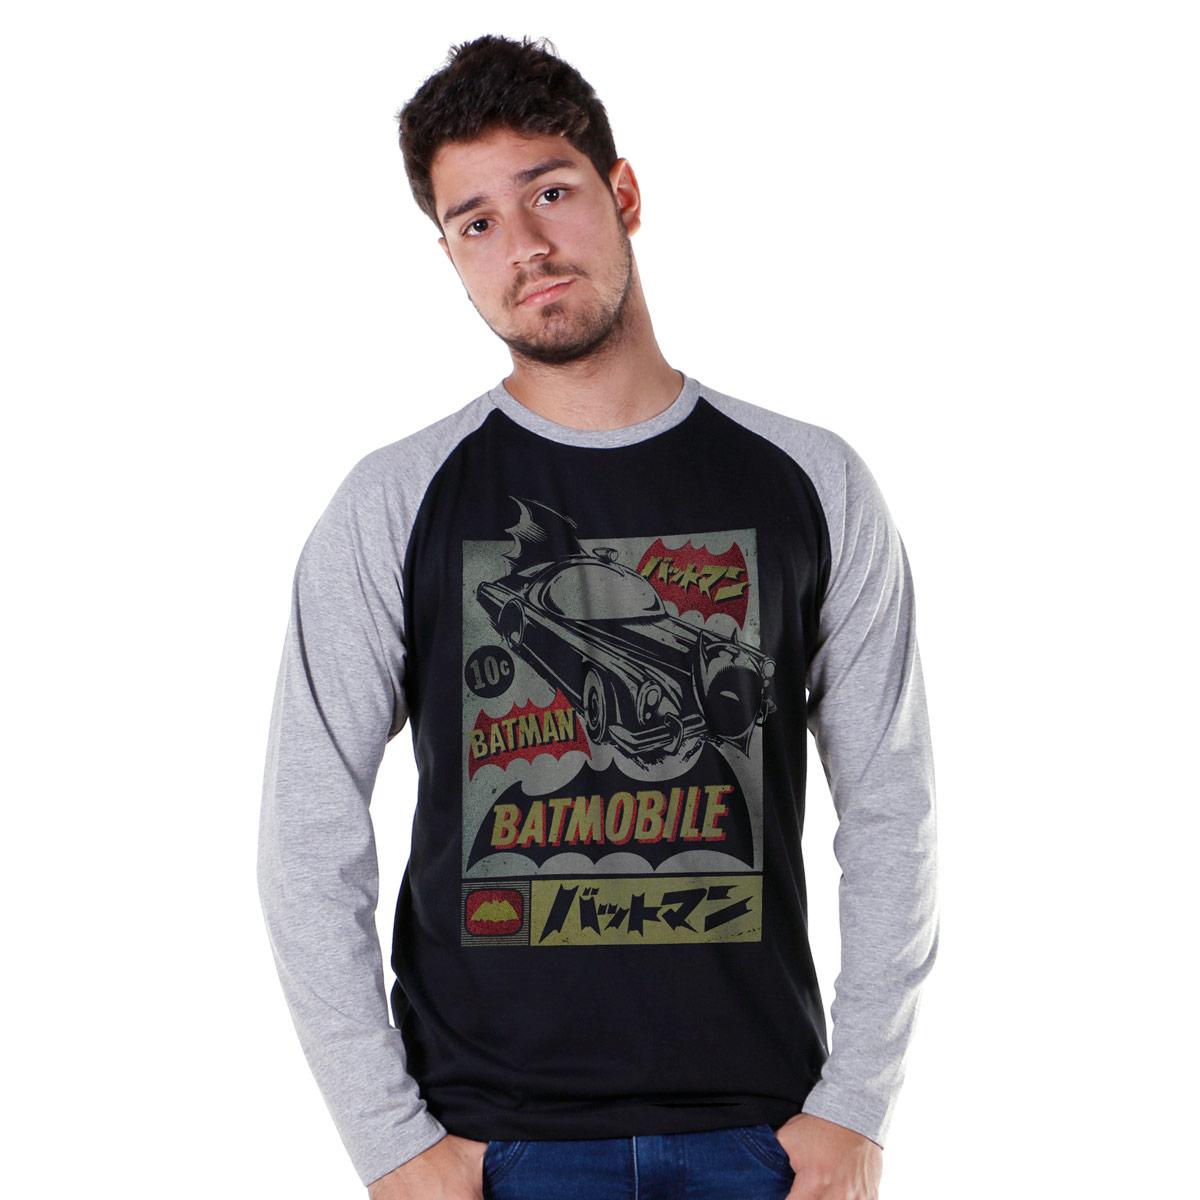 Camiseta Raglan Masculina Batman Batmobile